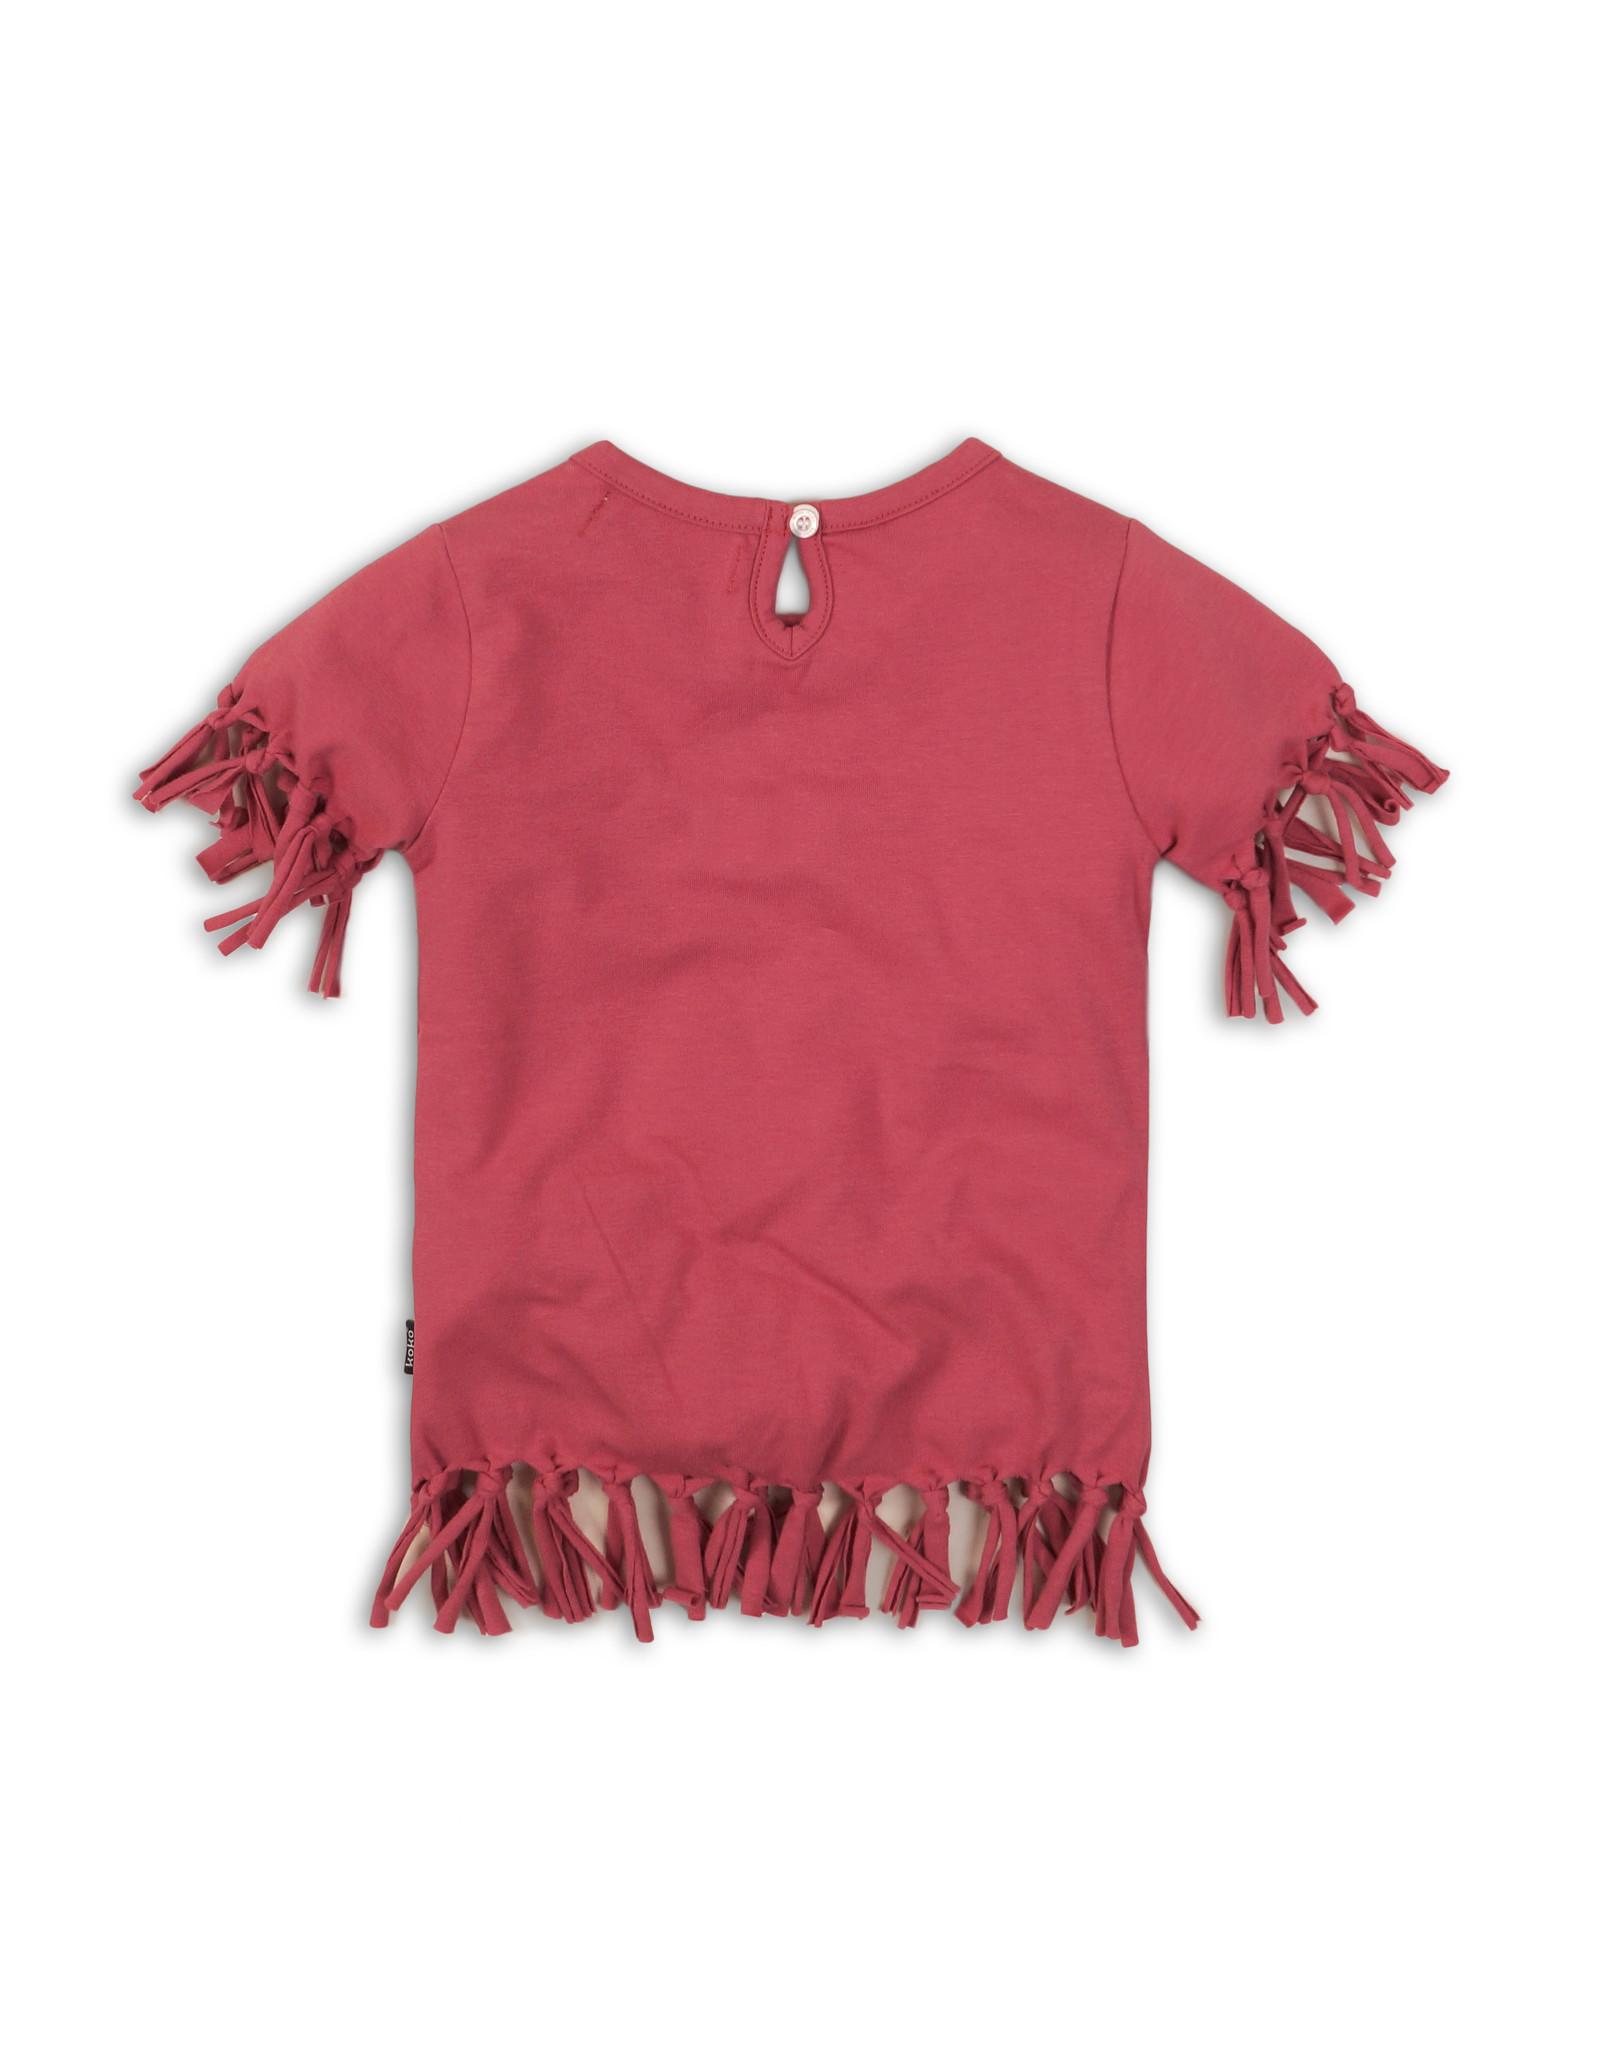 Koko Noko t shirt, Cassis, 37C 34910